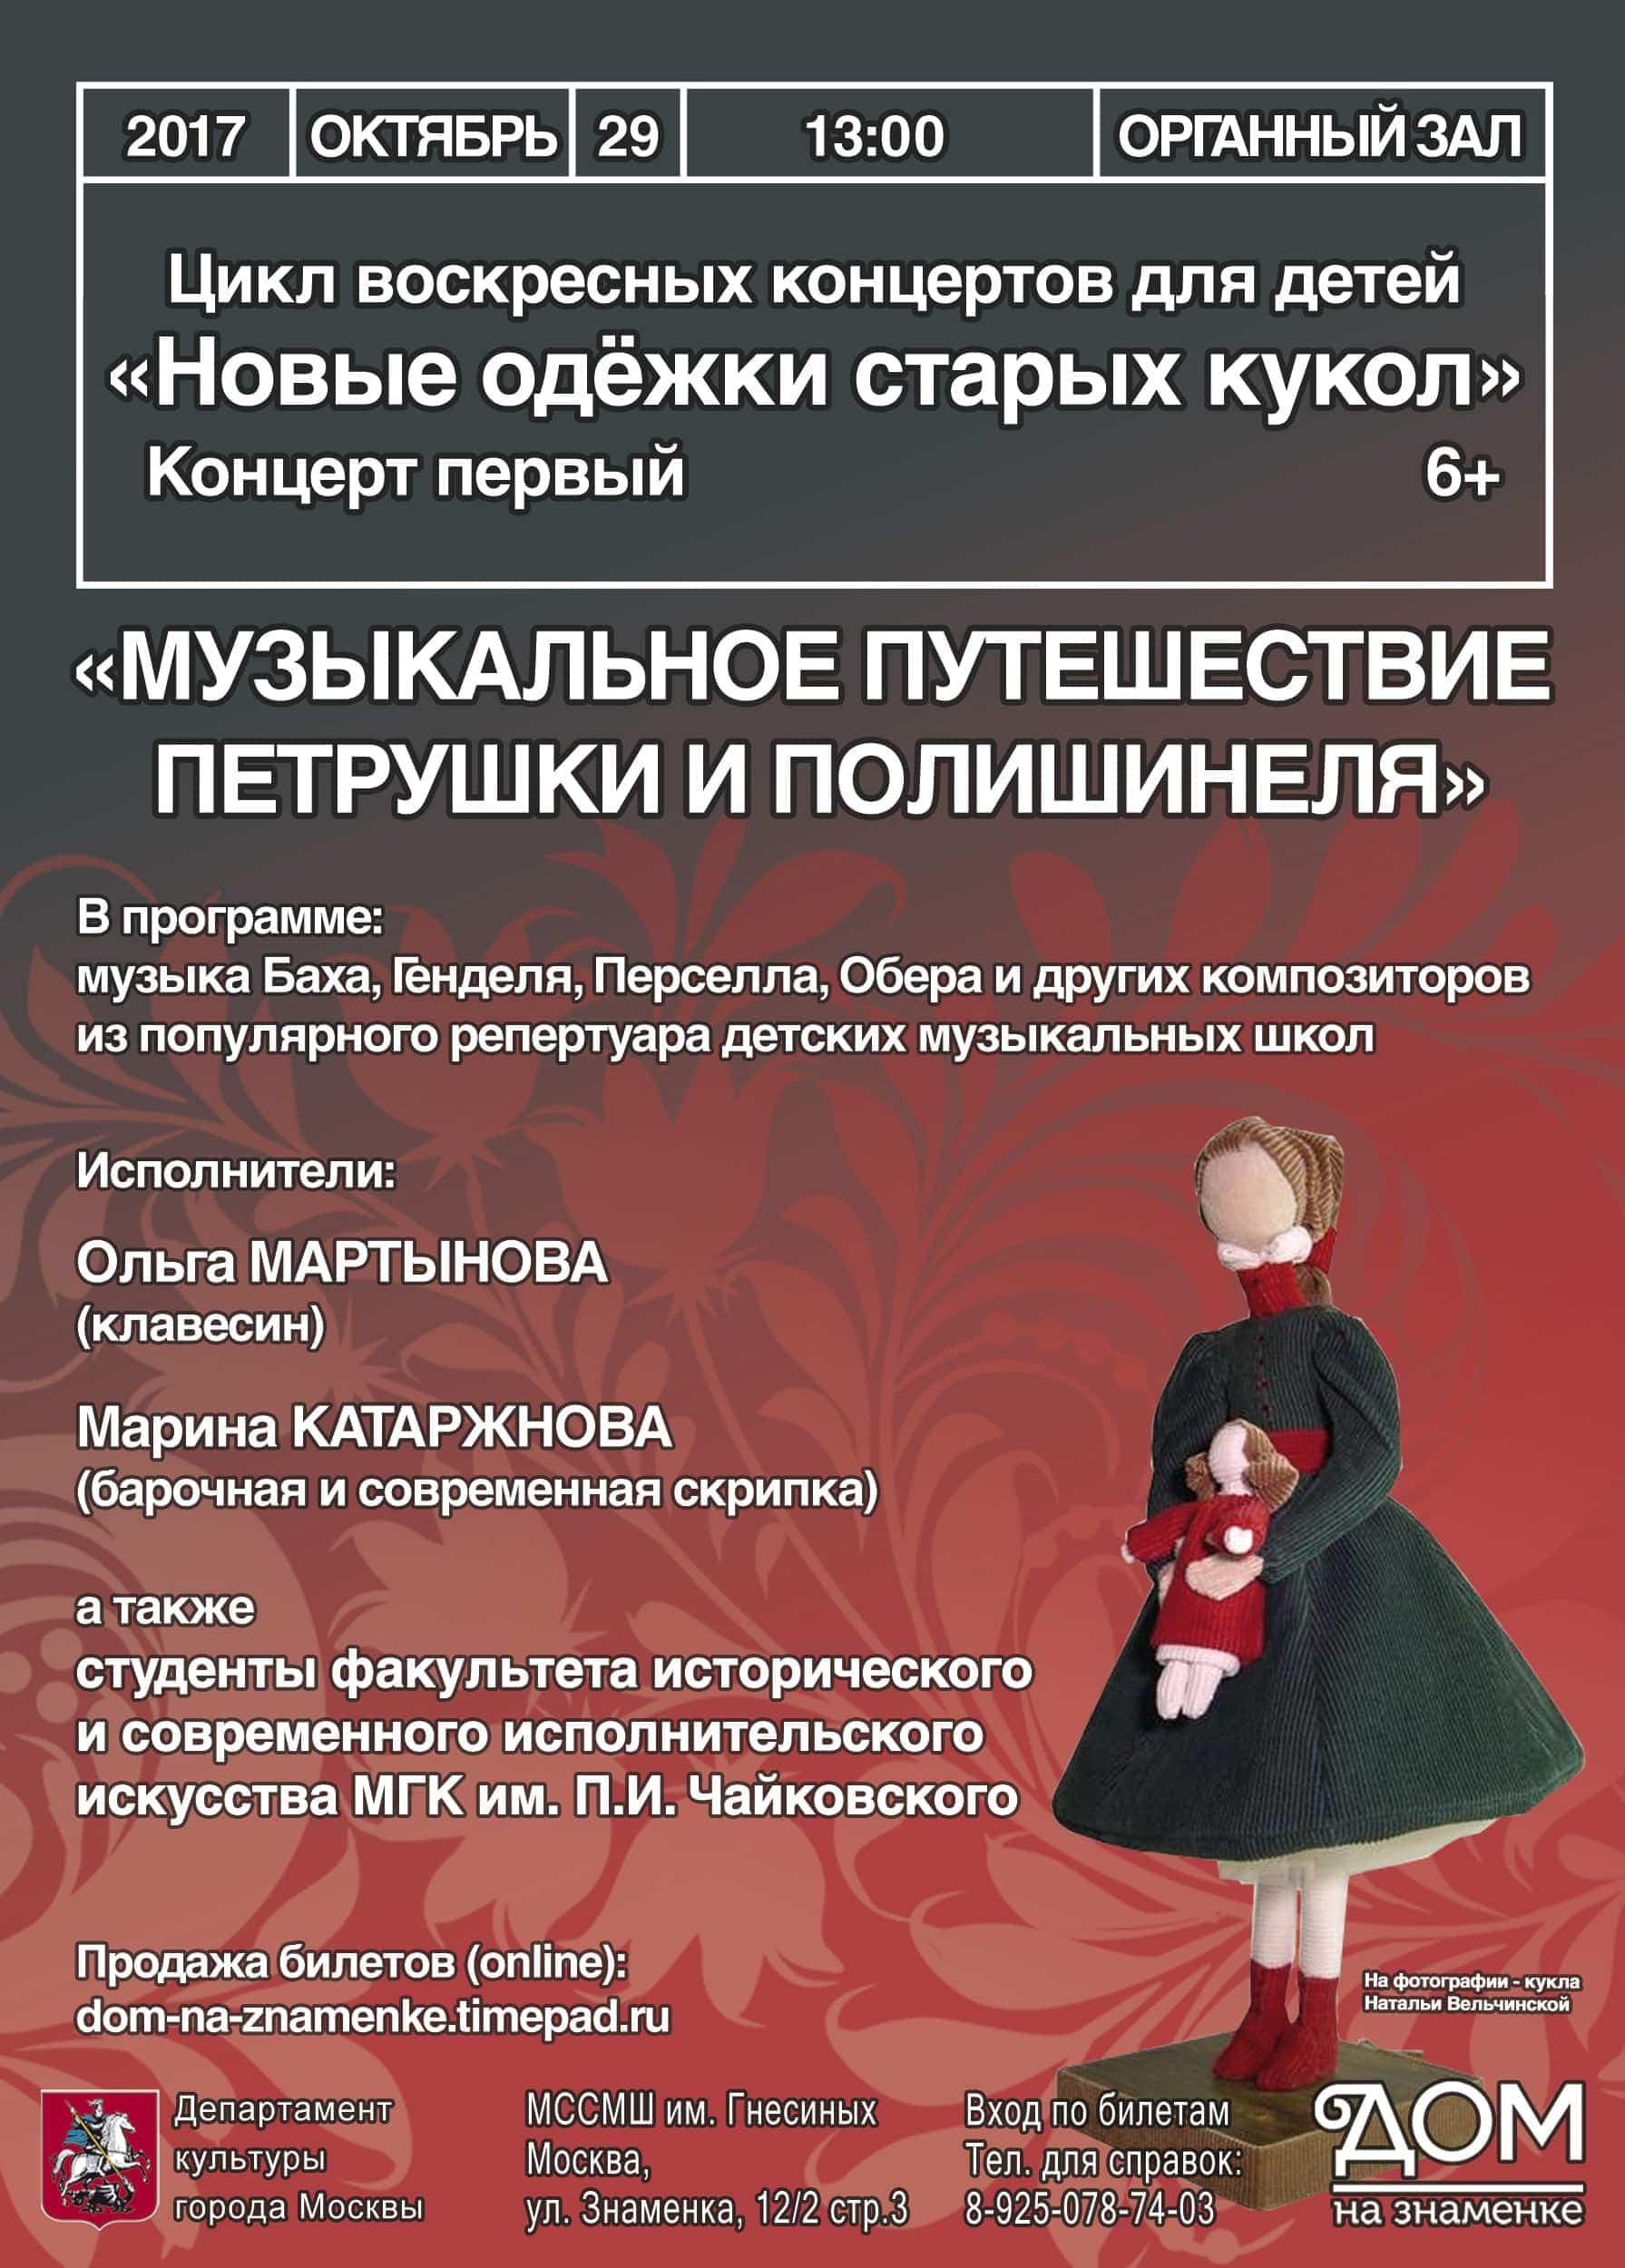 29.10.2017. «Новые одёжки старых кукол»